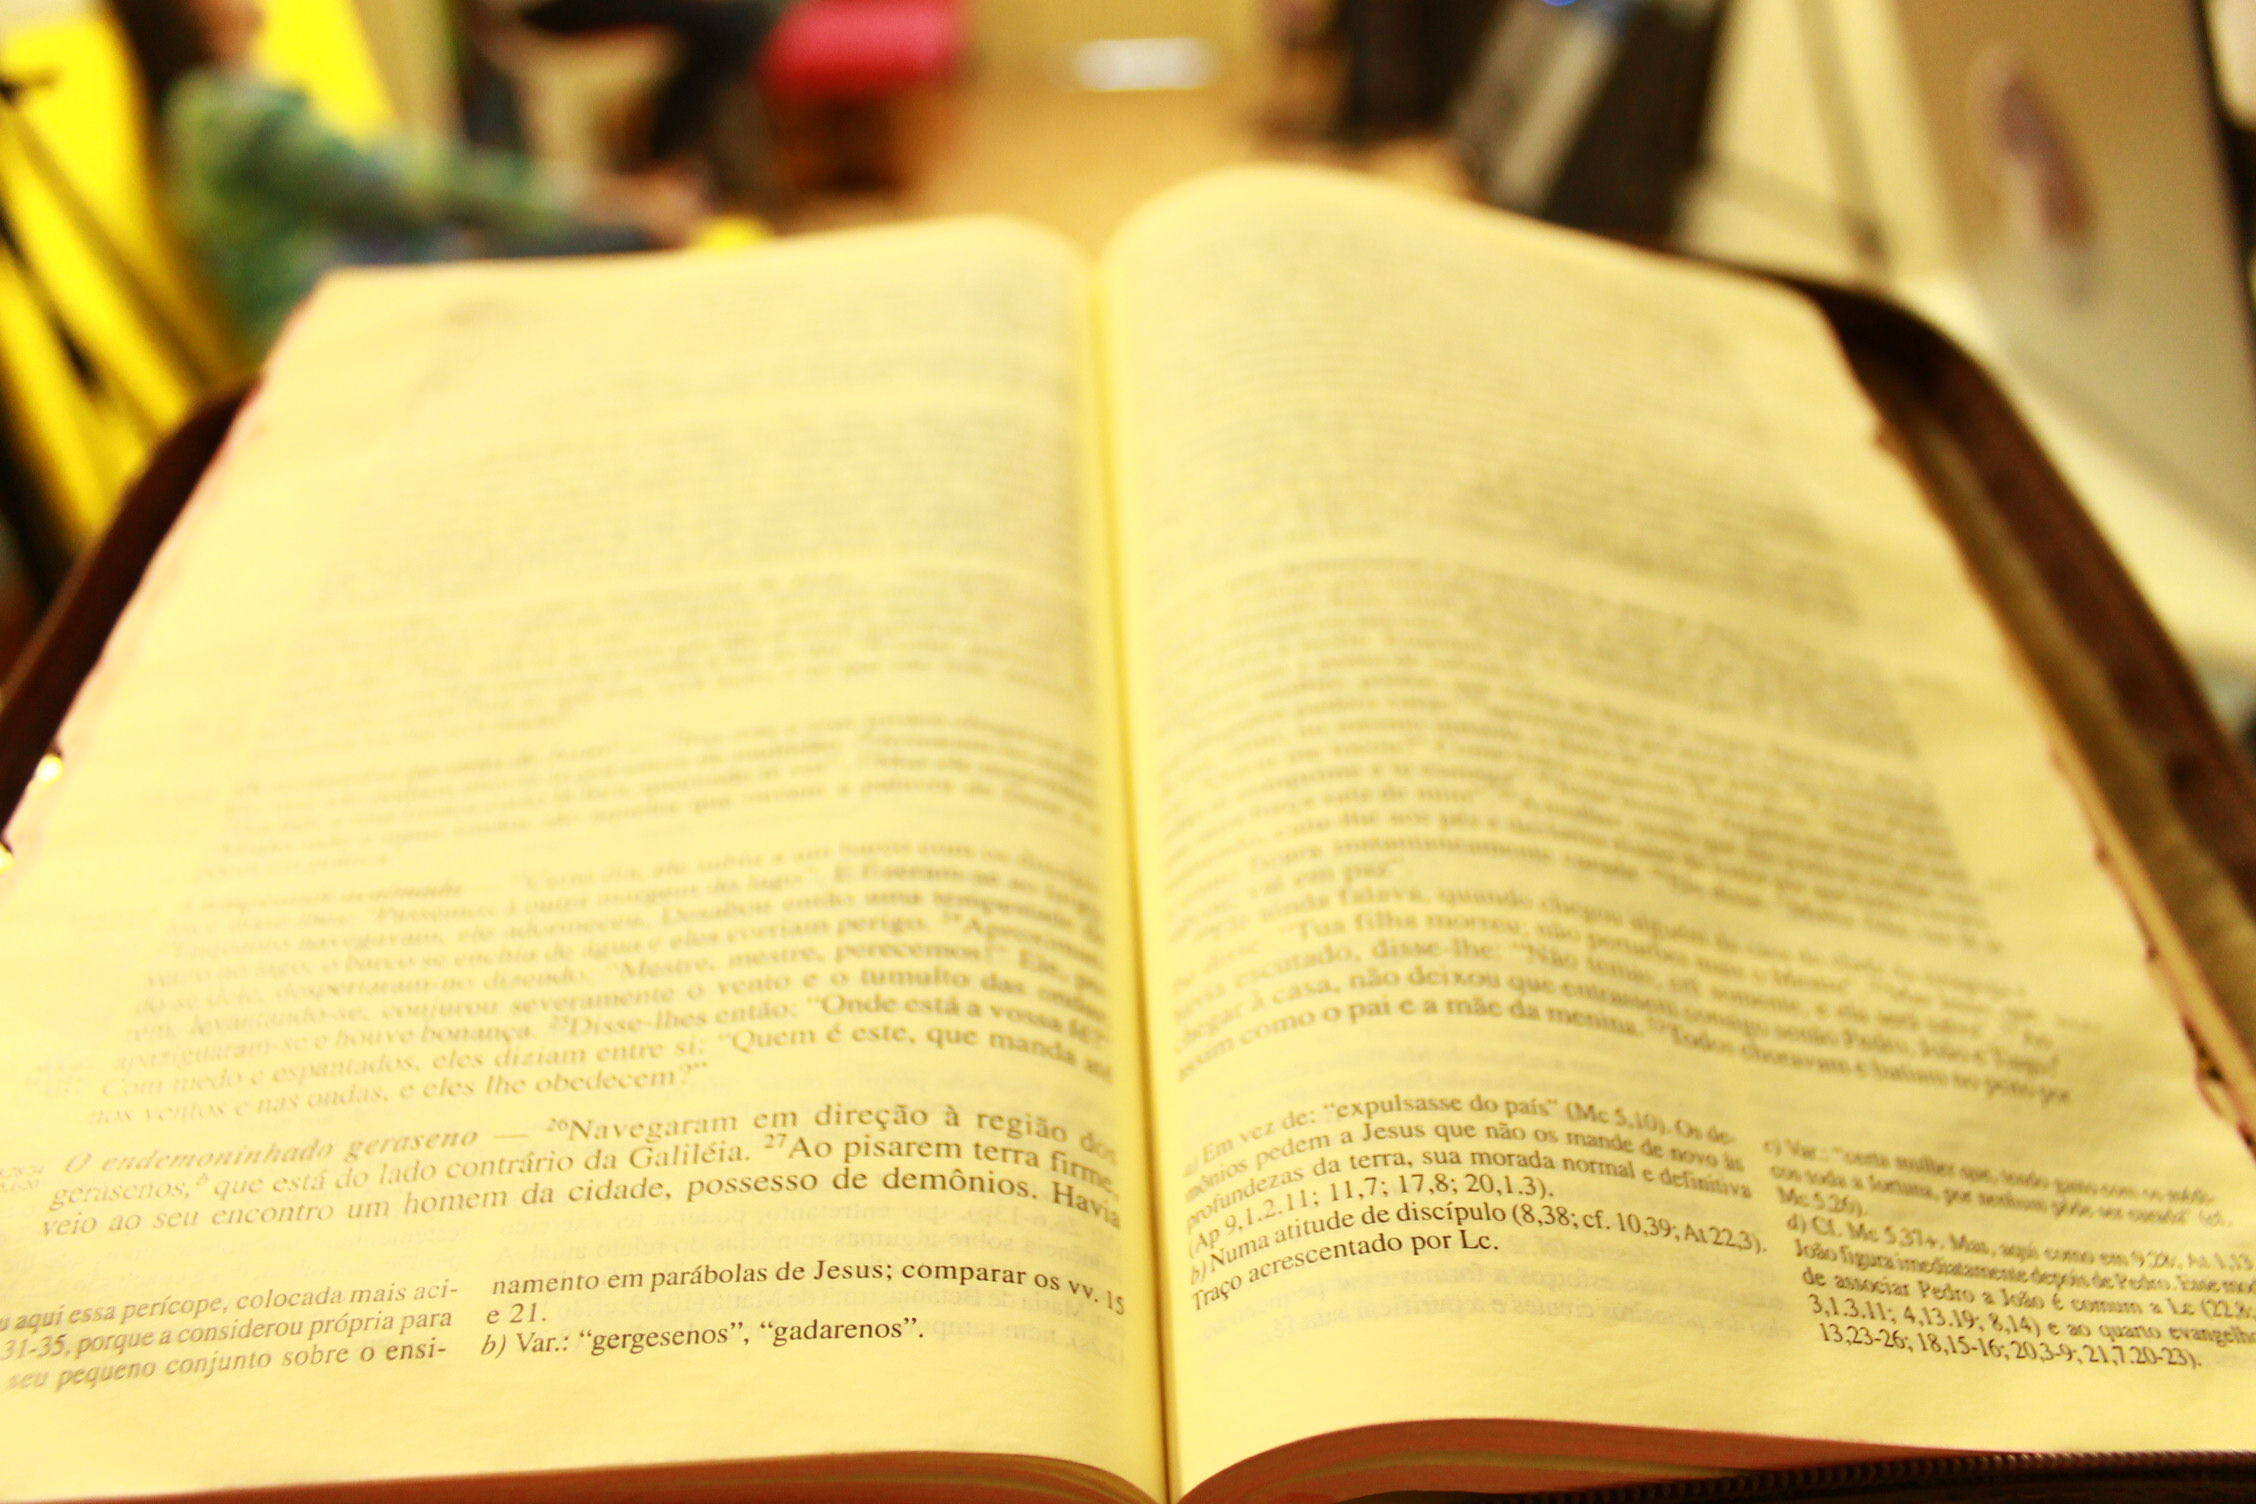 Bíblia, Paróquia de Pacajus, Mês da Bíblia, Igreja em Pacajus